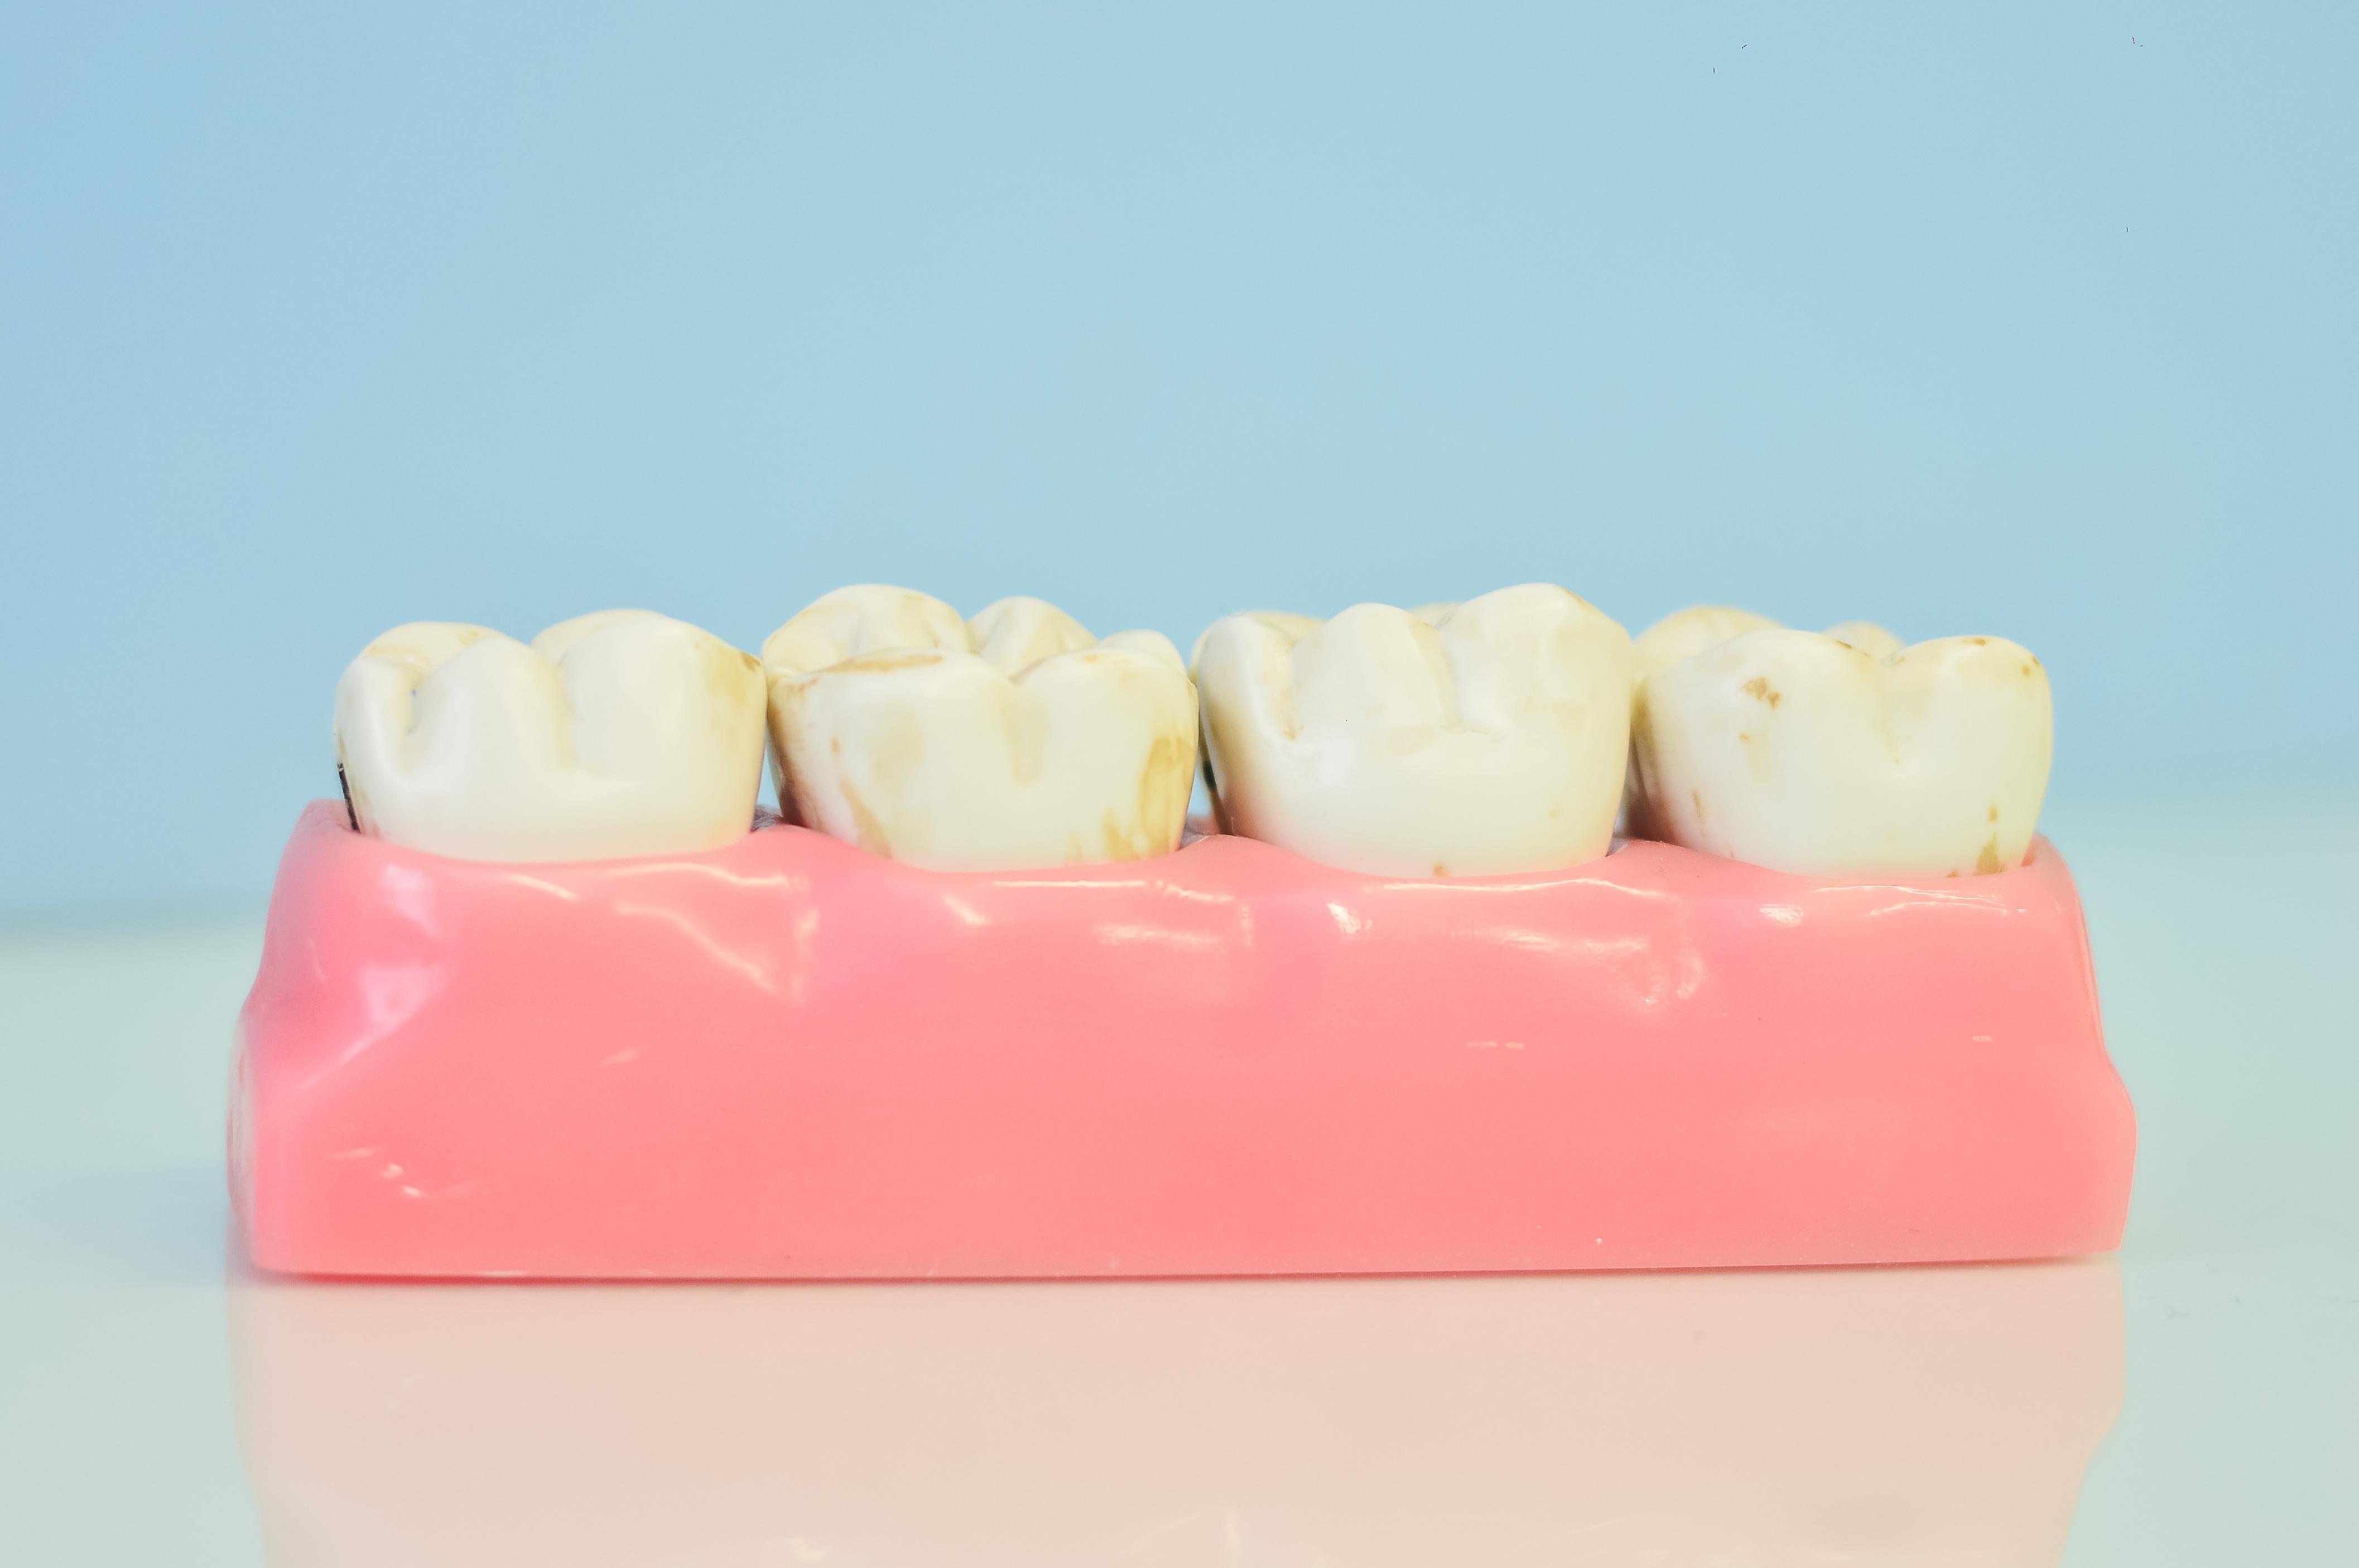 Kostenlose foto : Hand, Mund, menschlicher Körper, Organ, Zahn ...